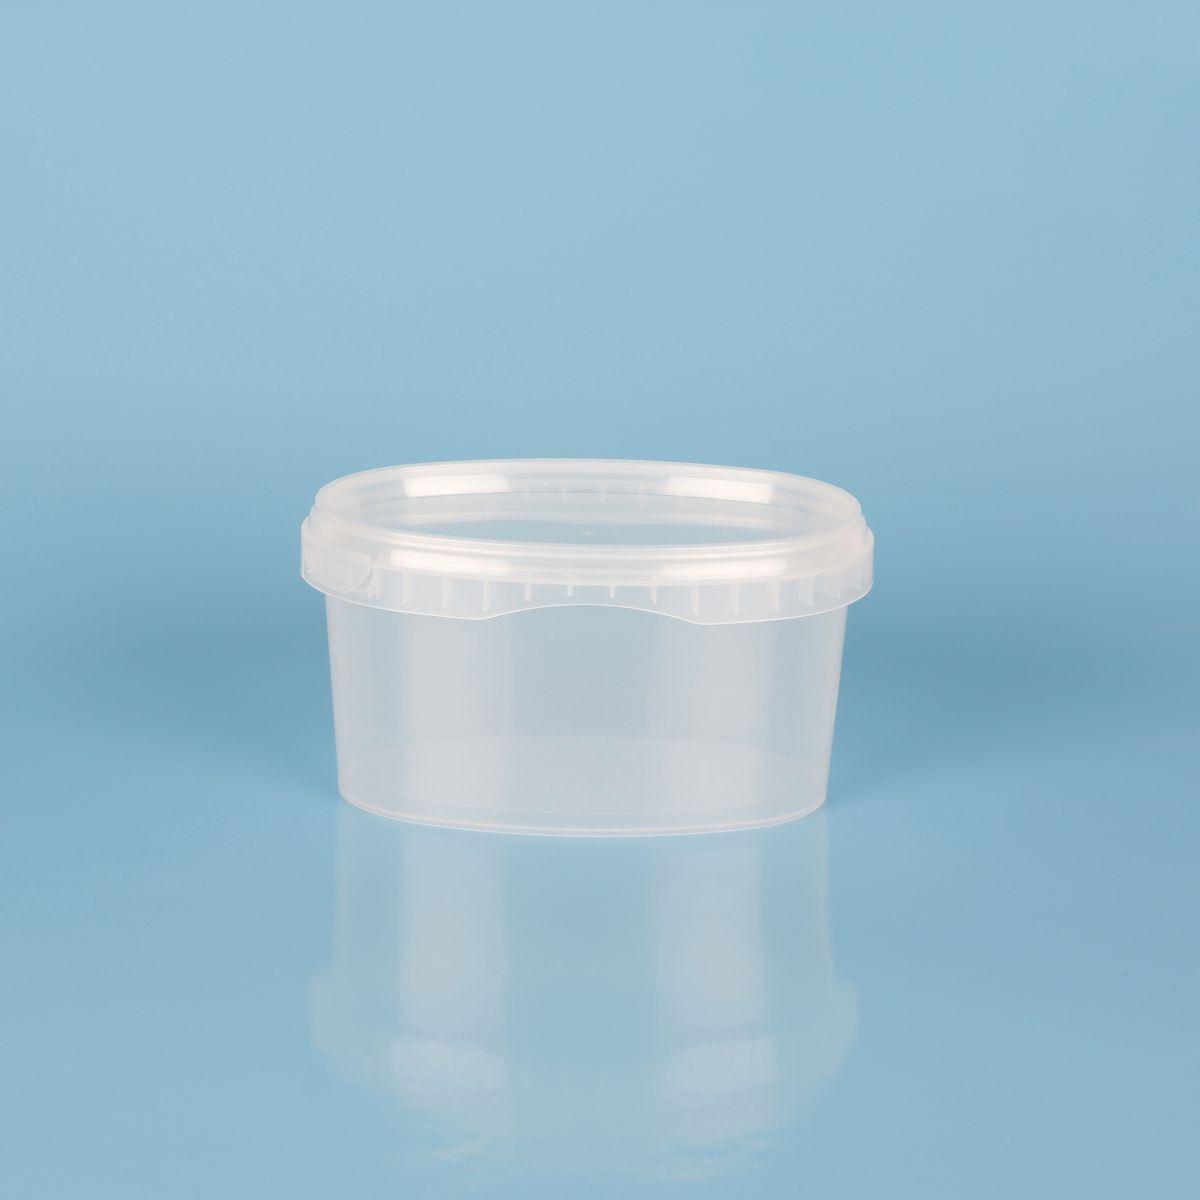 Vaschetta in plastica per gelato – Codice resaplast 007014